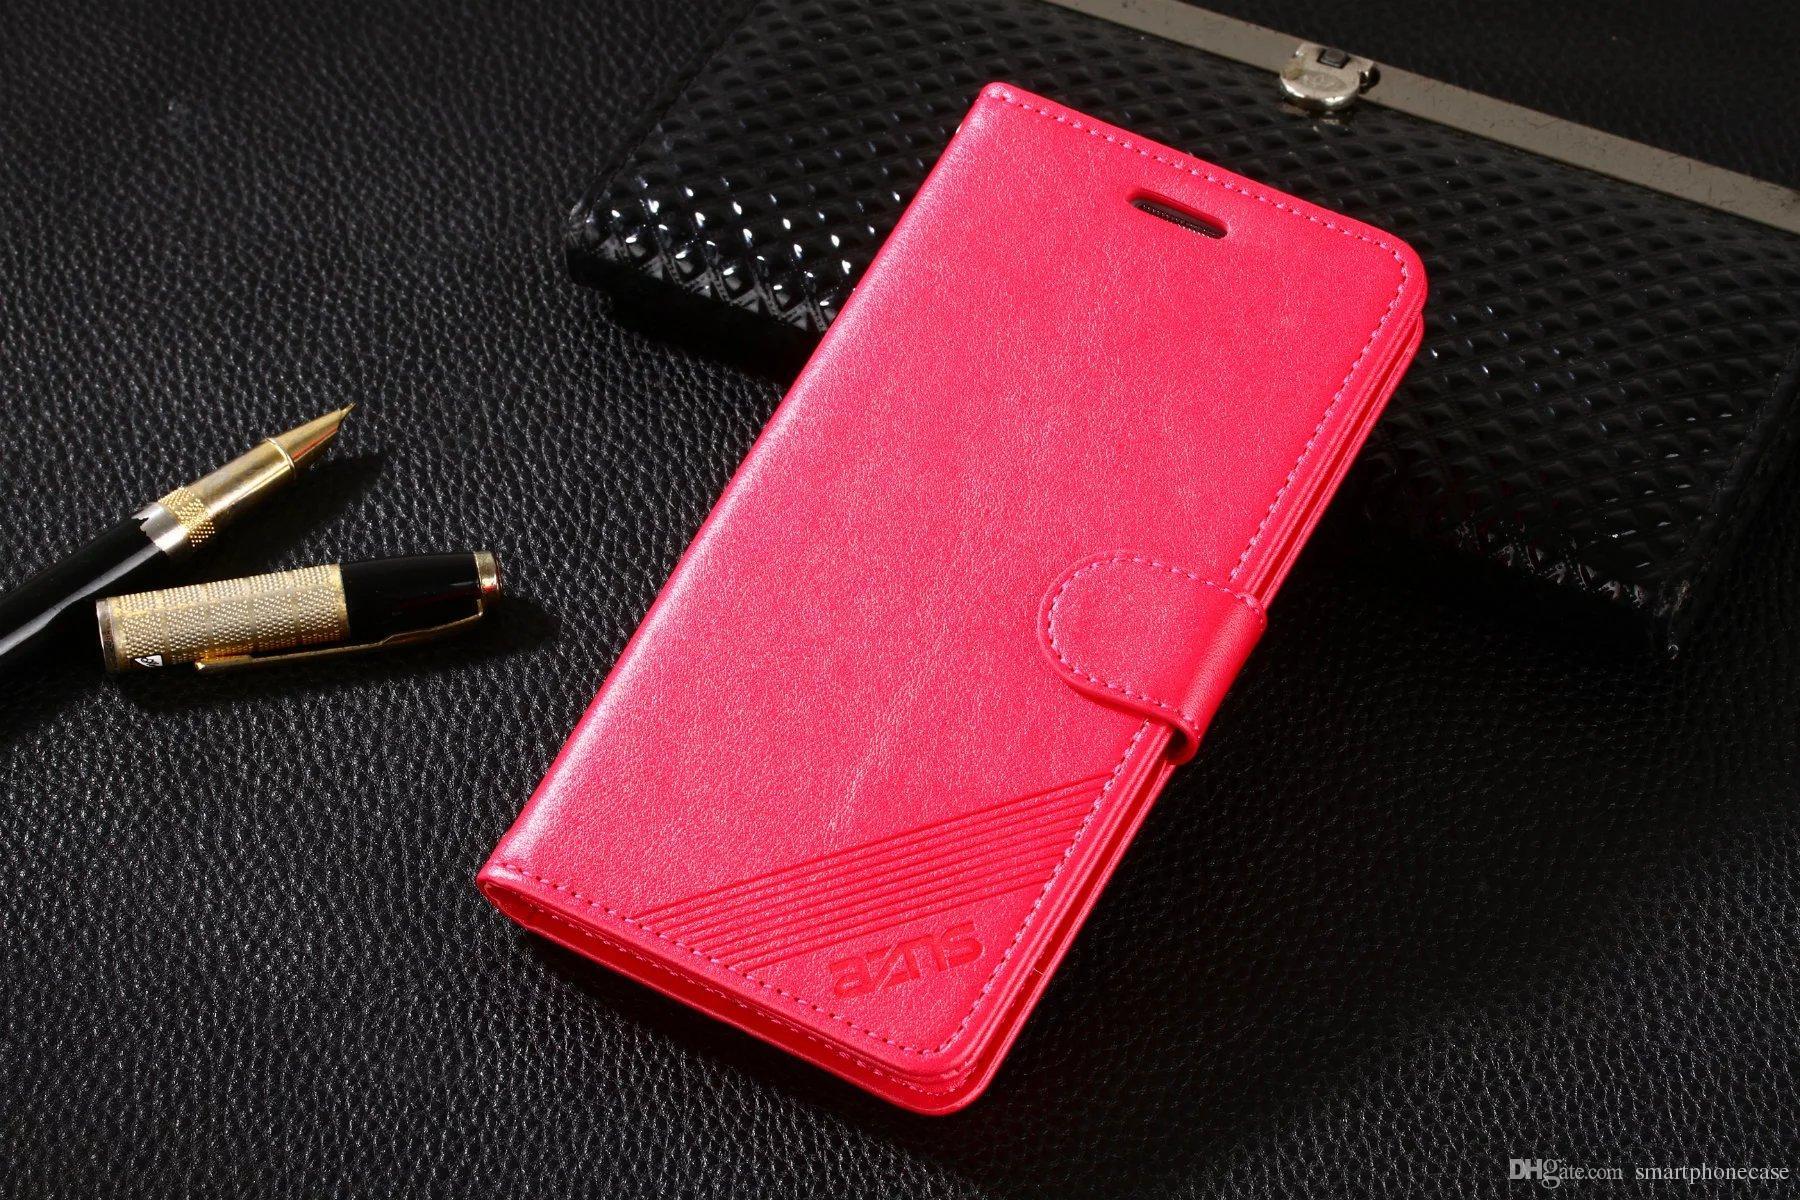 Huawei 4C 케이스에 대한 차가운 럭셔리 플립 지갑 원래 화끈한 커버 클립 가죽 케이스에 대한 화웨이 명예 4C